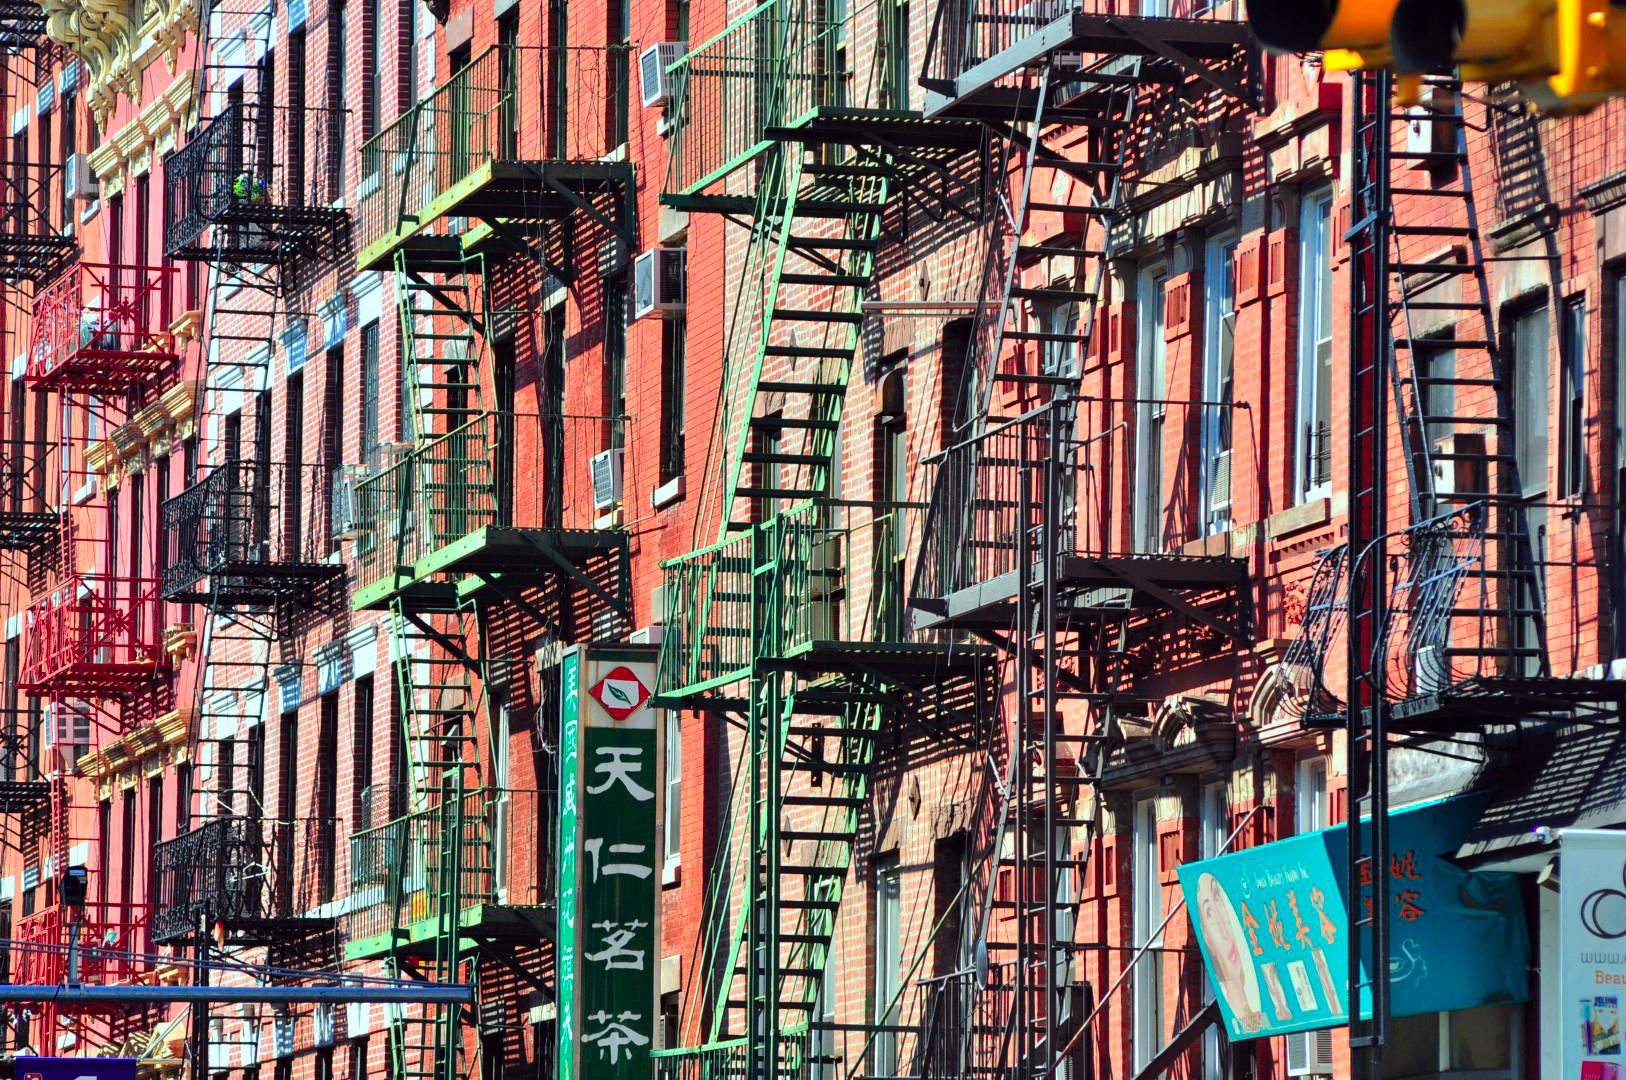 Qué hacer y ver en Nueva York qué hacer y ver en nueva york - 31028401461 3817cde369 o - Qué hacer y ver en Nueva York